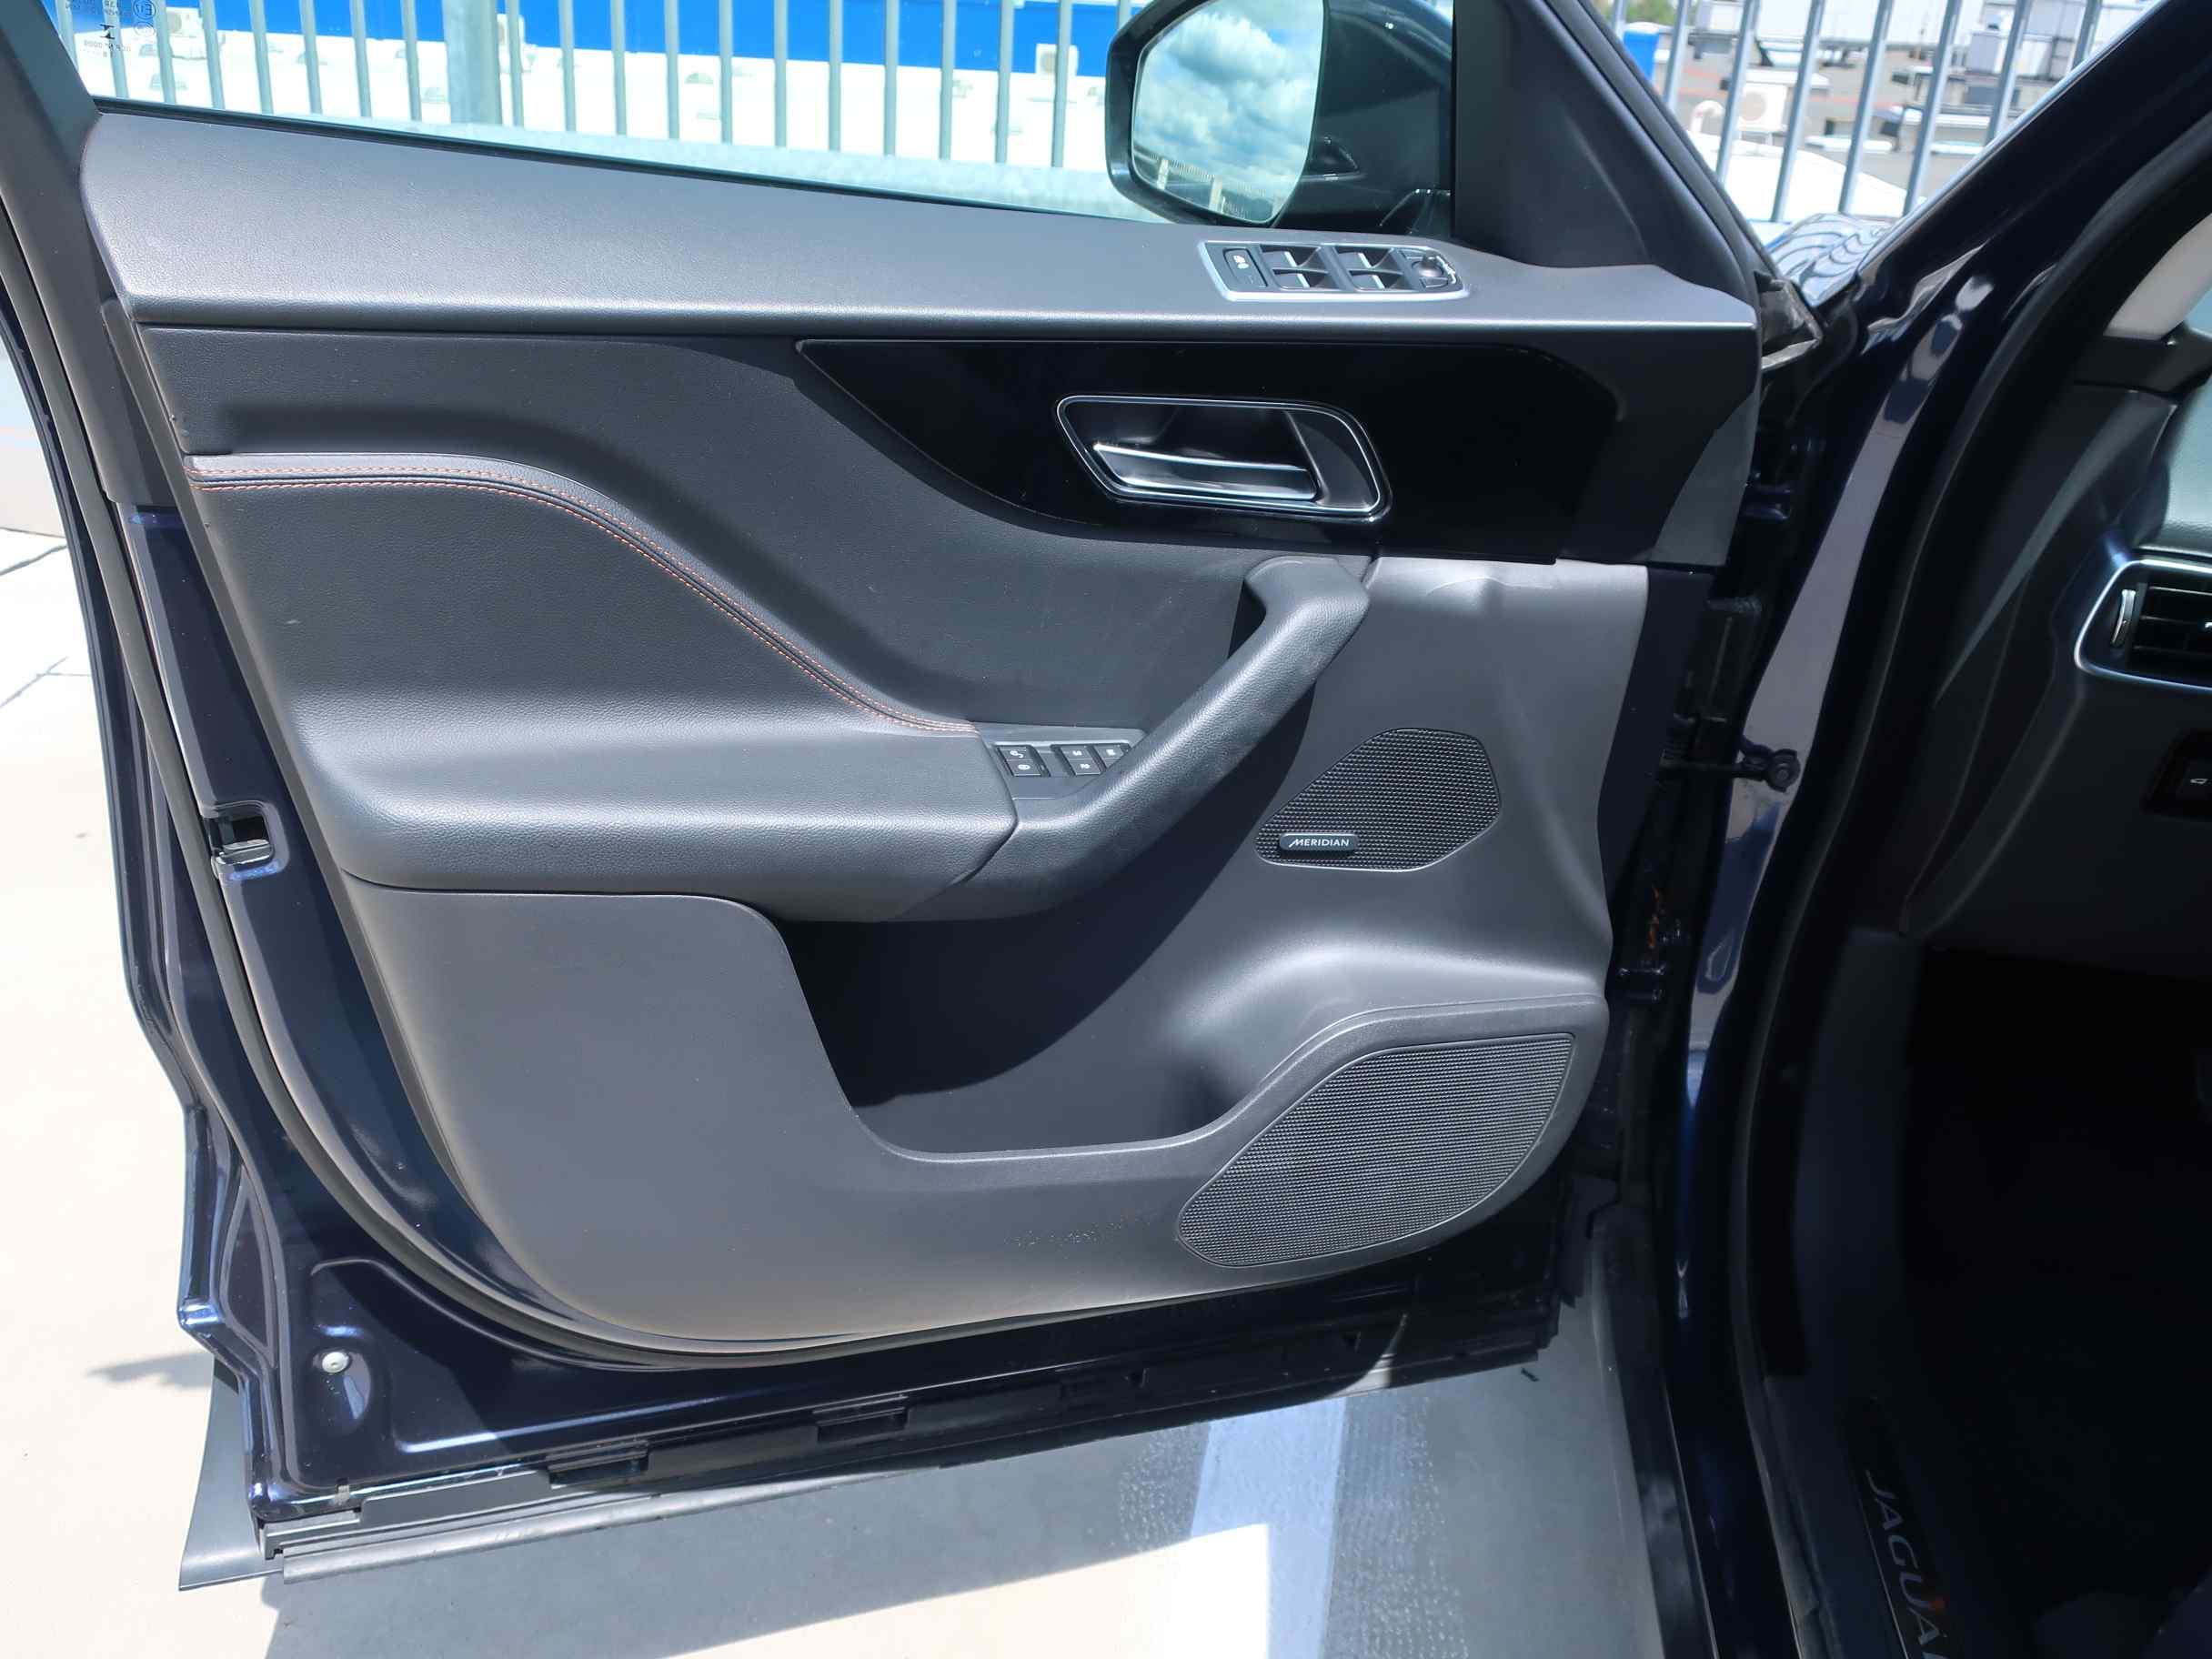 Jaguar F-Pace 3.0 TDV6 AWD Prestige